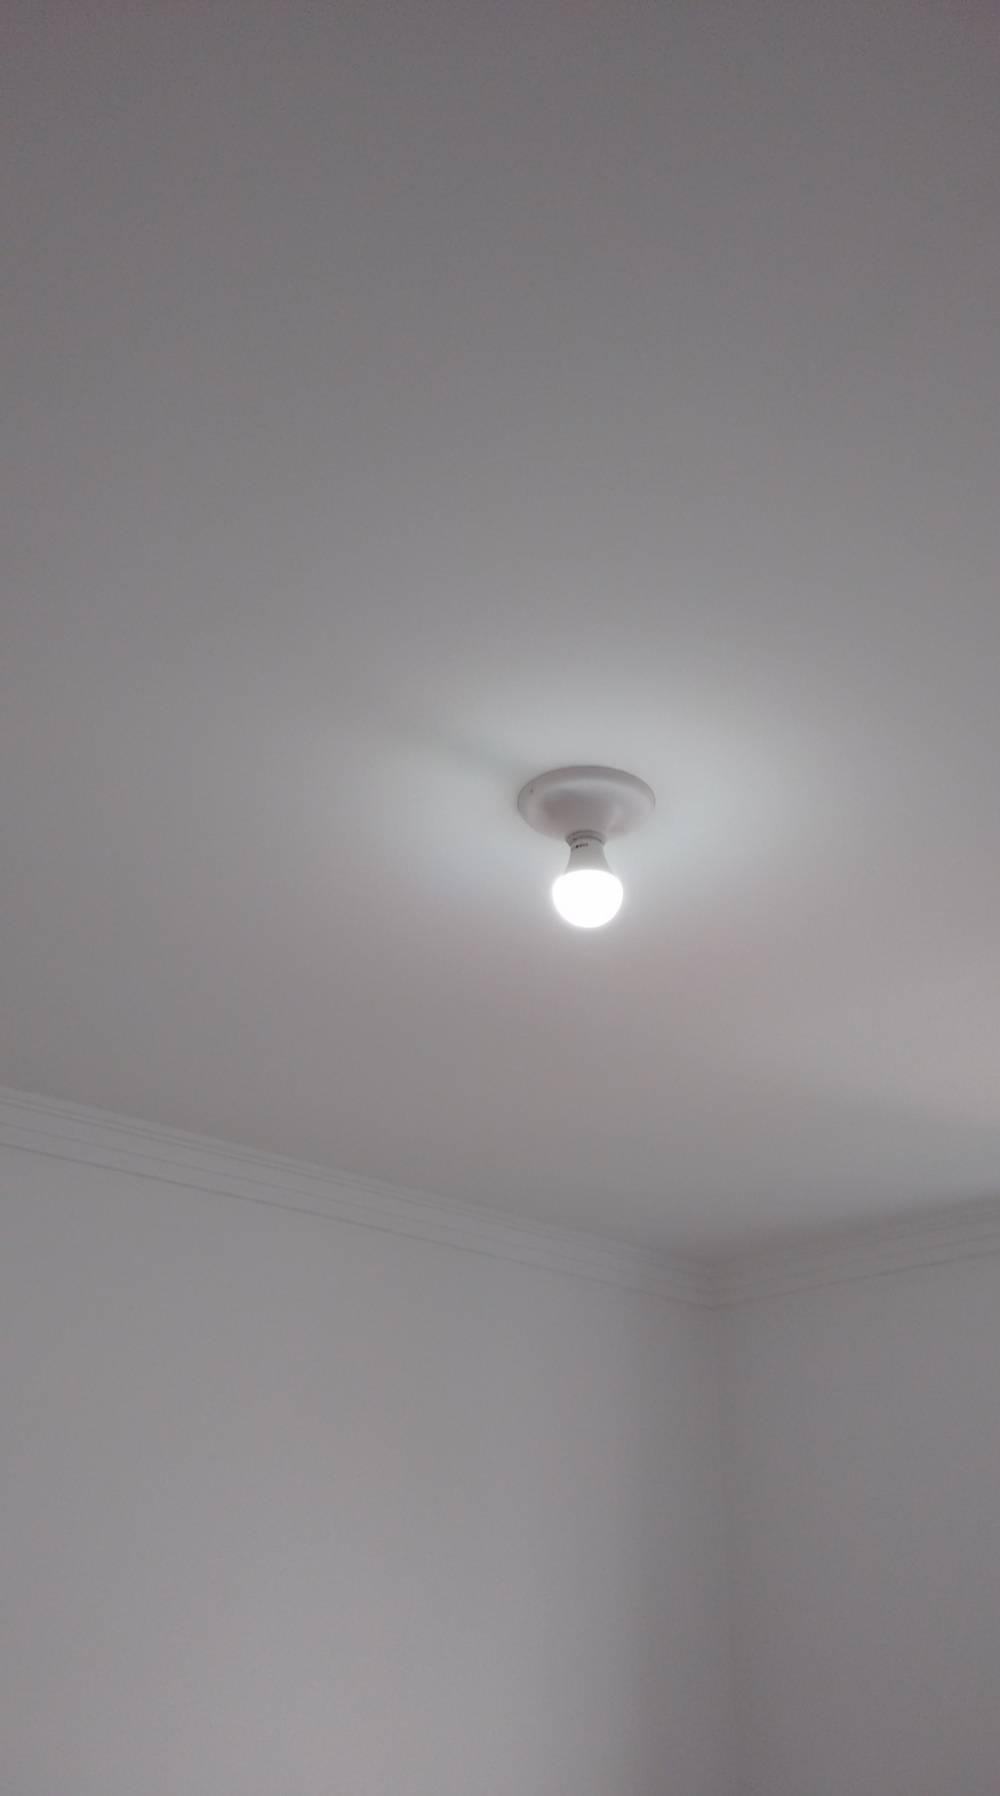 Serviço de Eletricidade Residencial Quanto Custa na Vila Diadema - Reparo Residencial Elétrico